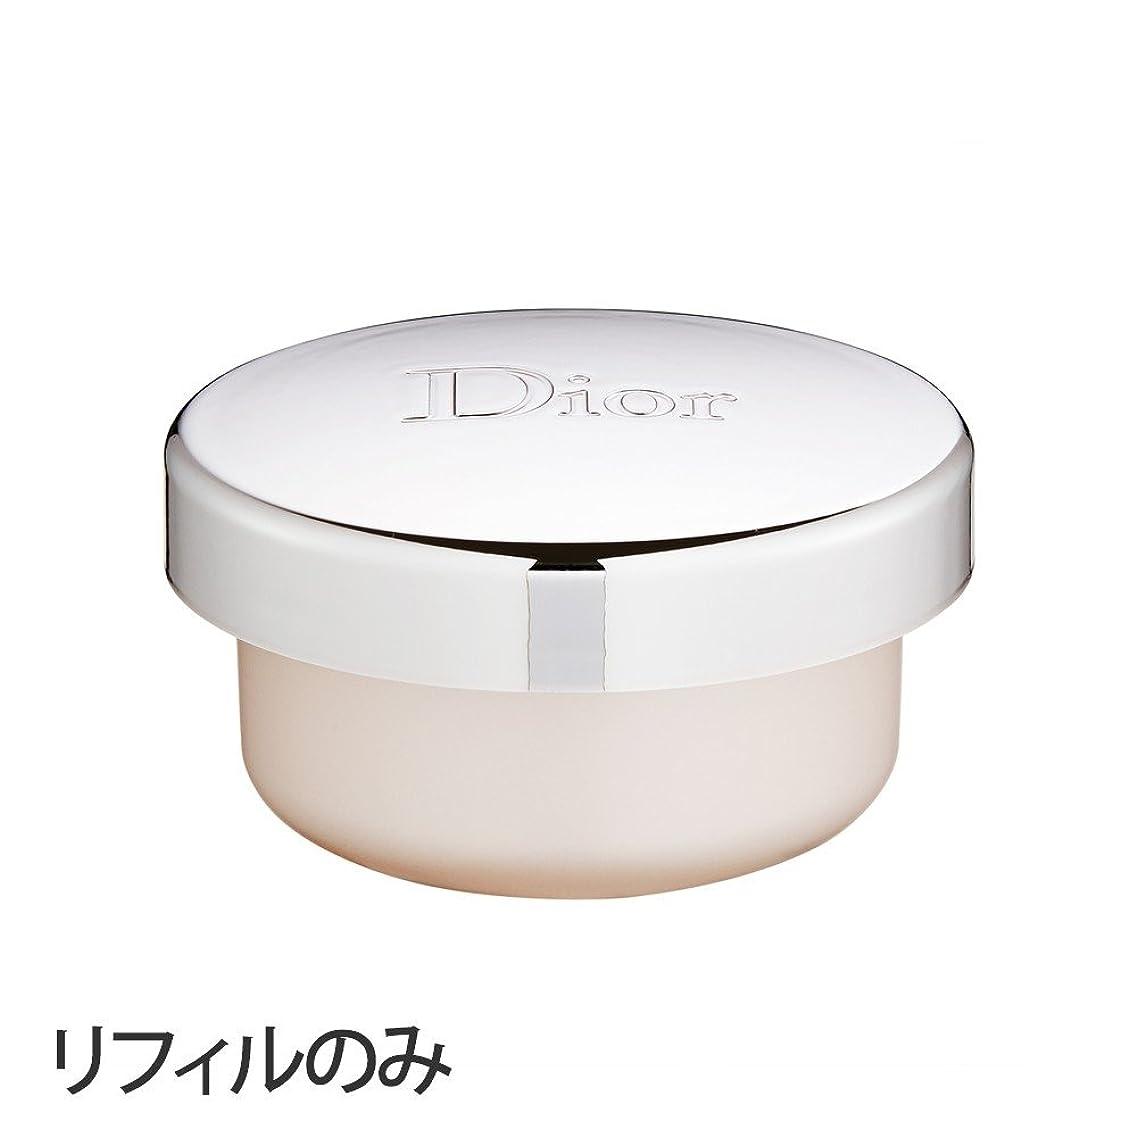 宣言診断する邪悪なディオール(Dior) 【リフォルのみ】カプチュール トータル クリーム [並行輸入品]